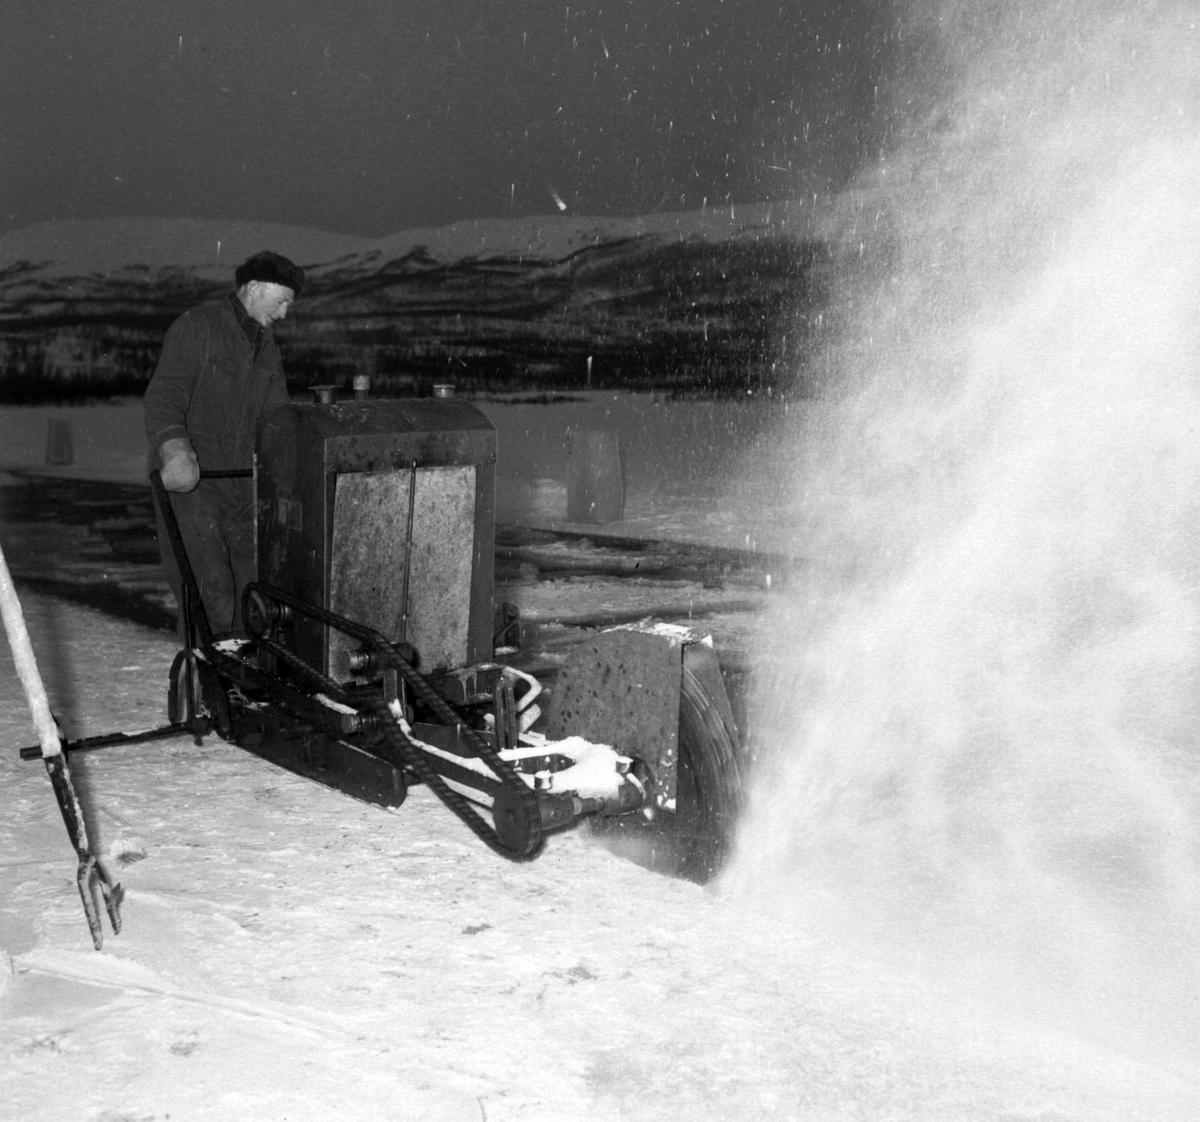 Isskjæring på Tennevatnet. Aksel Jensen fra Tofta sager isen.